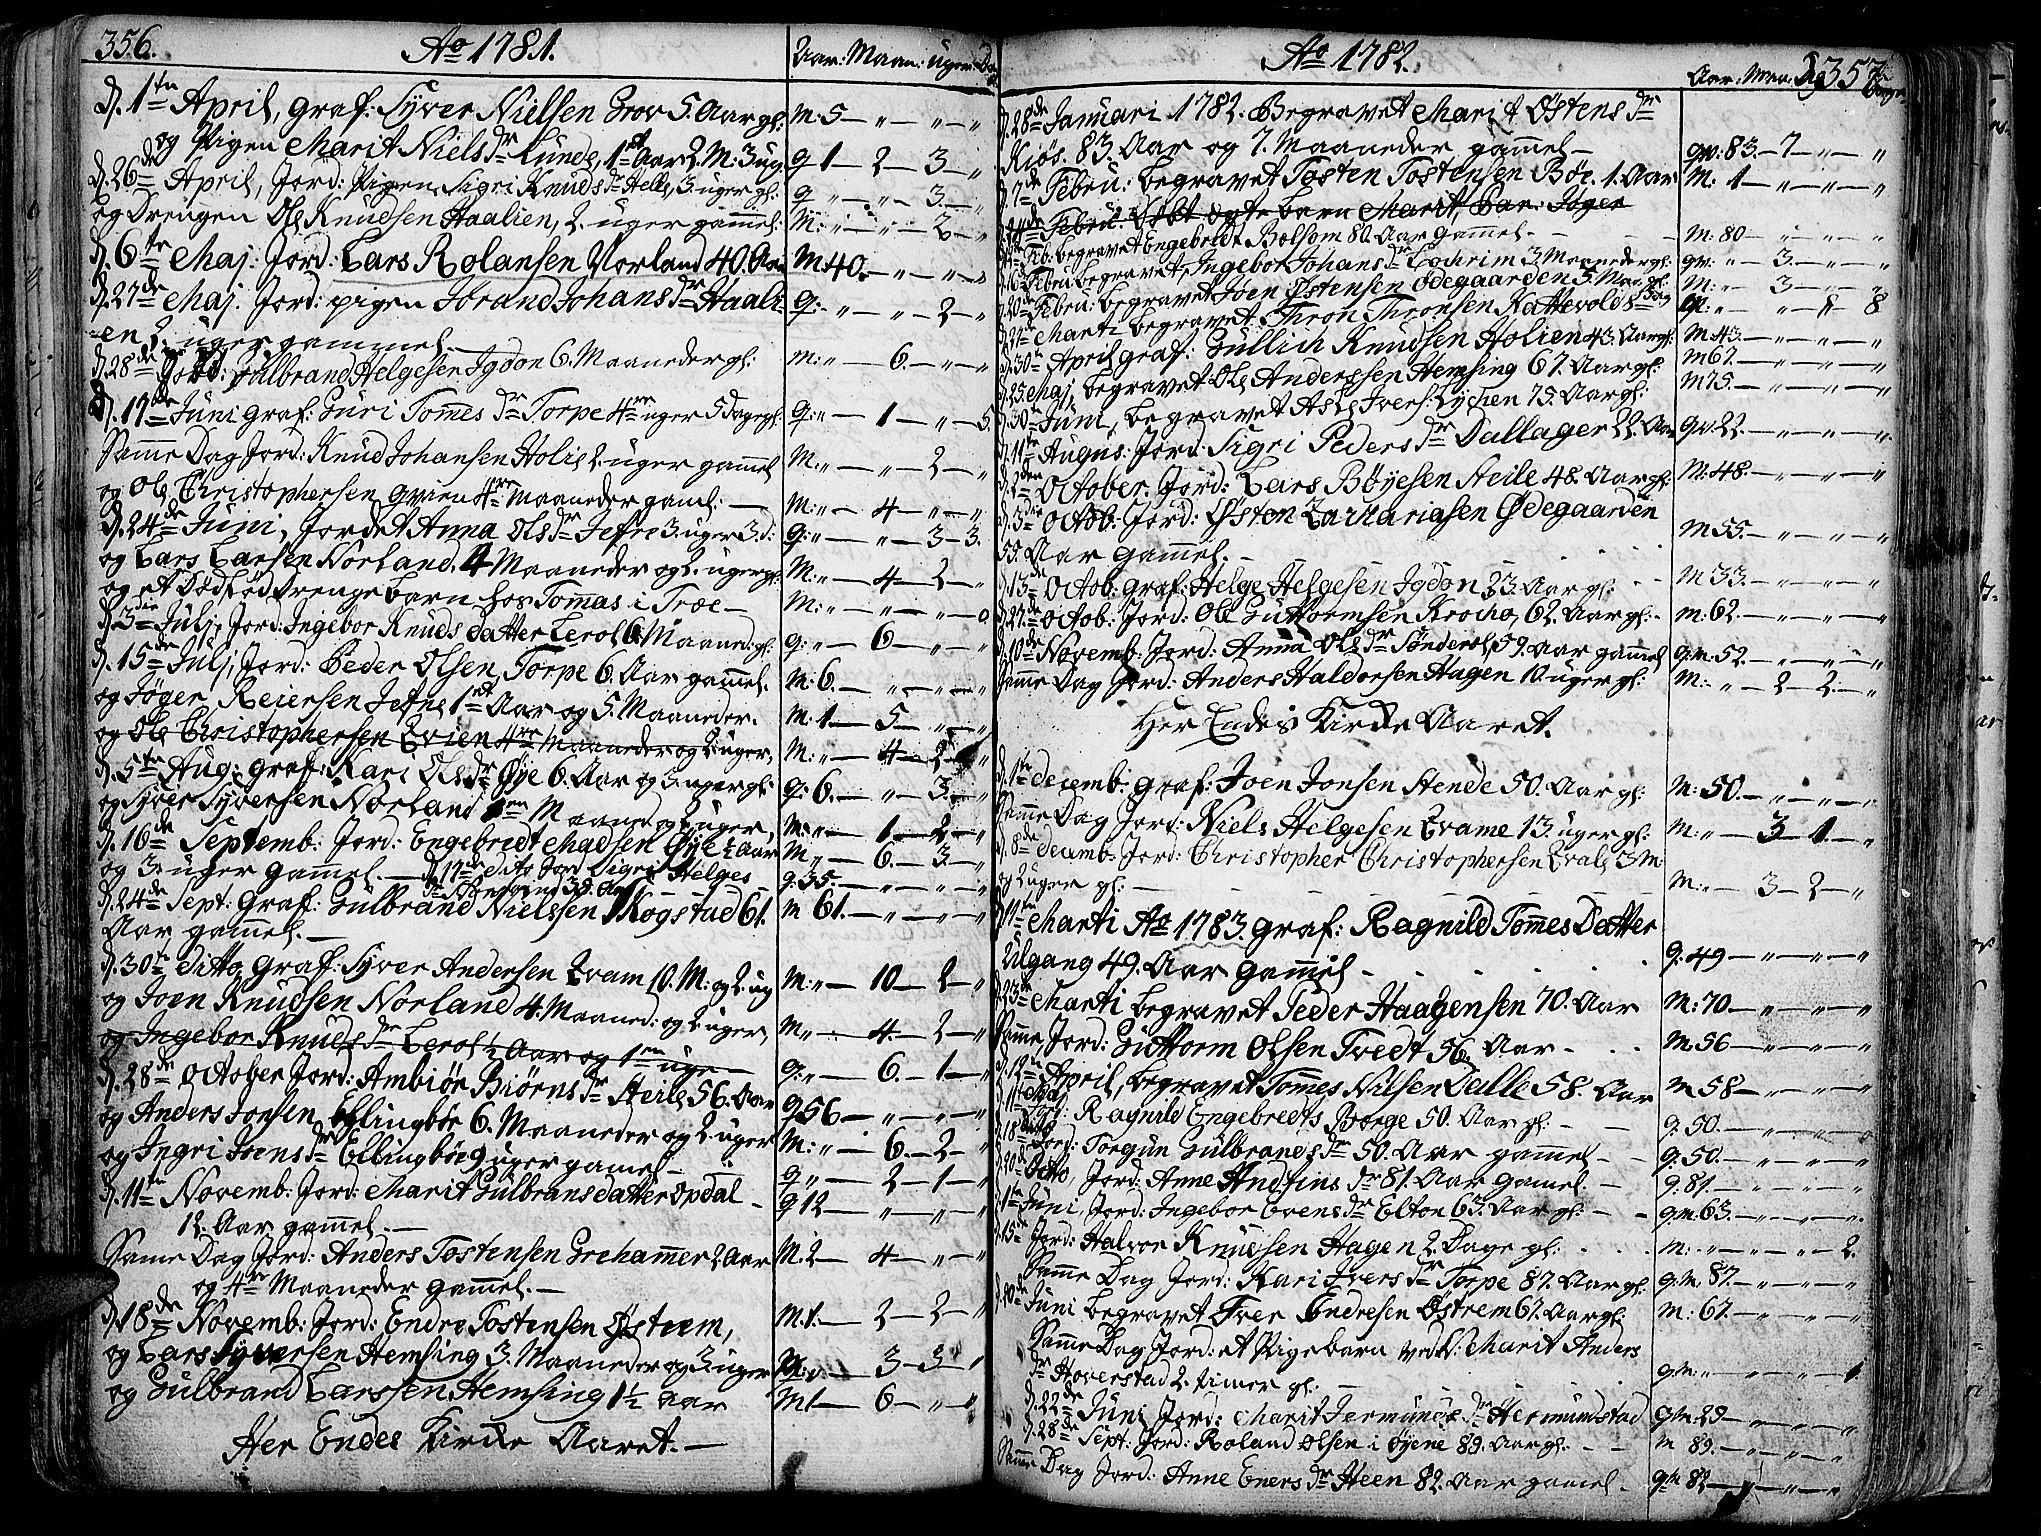 SAH, Vang prestekontor, Valdres, Ministerialbok nr. 1, 1730-1796, s. 356-357